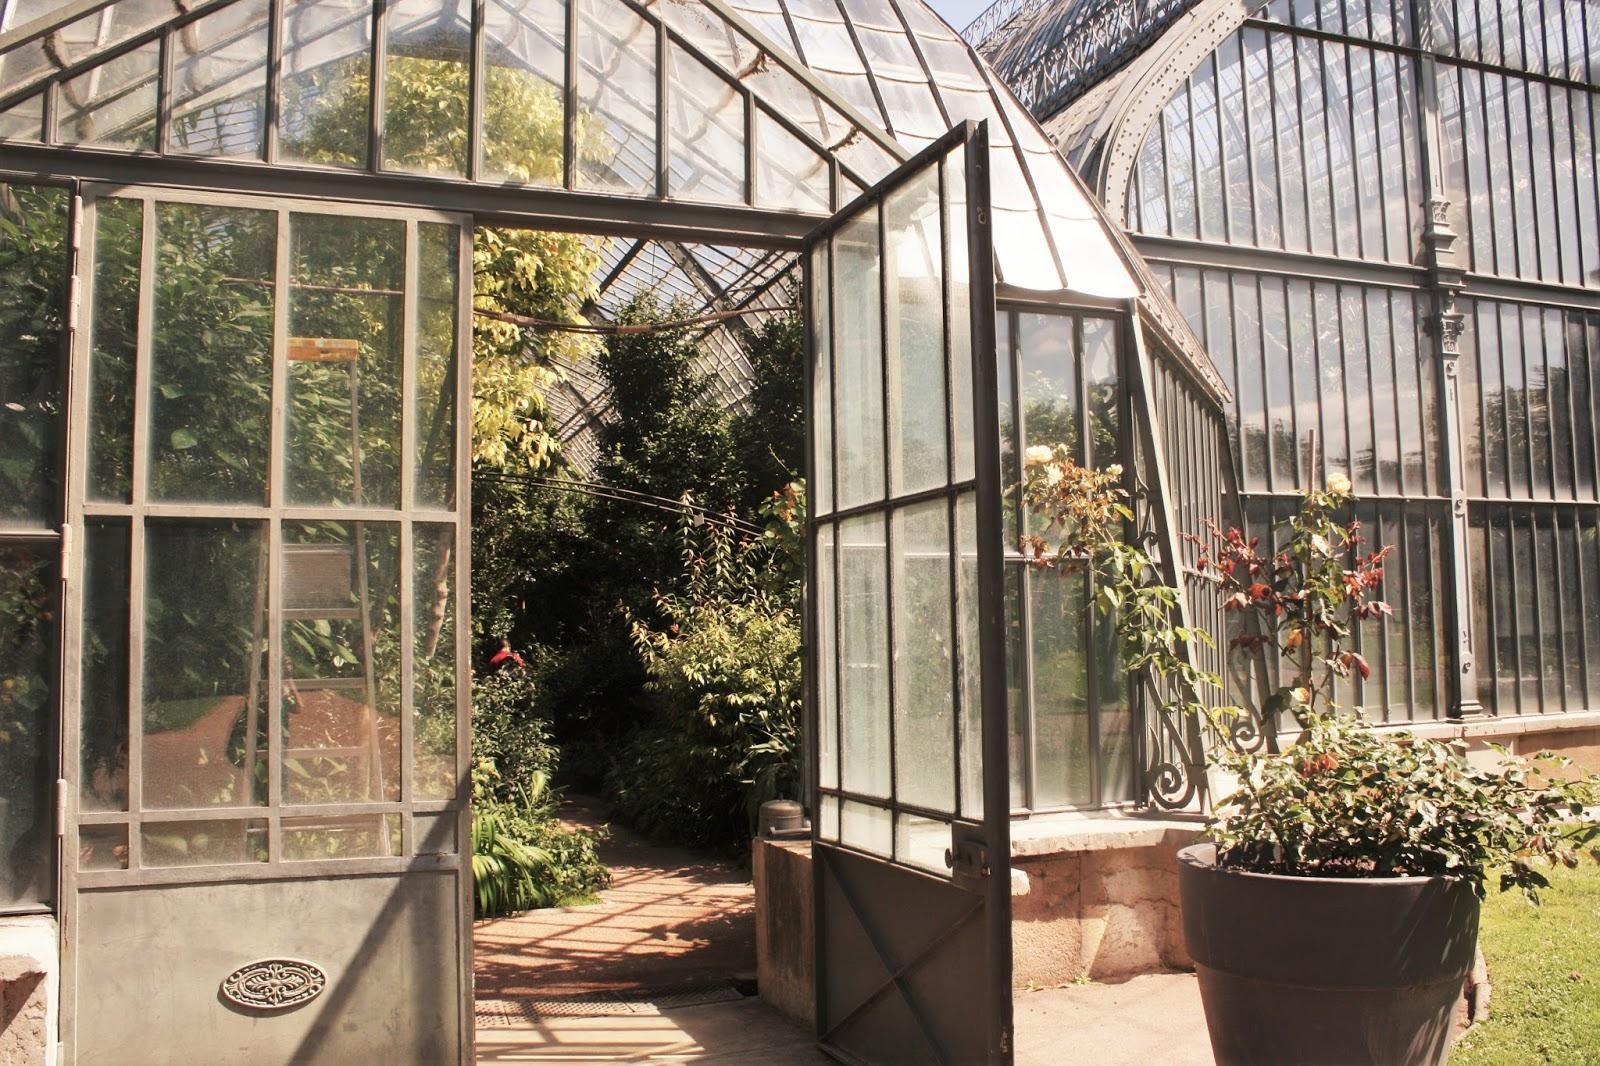 118 serre de jardin fer forge serre en fer forg et orangeries antiquit aubry lyon parc de la. Black Bedroom Furniture Sets. Home Design Ideas